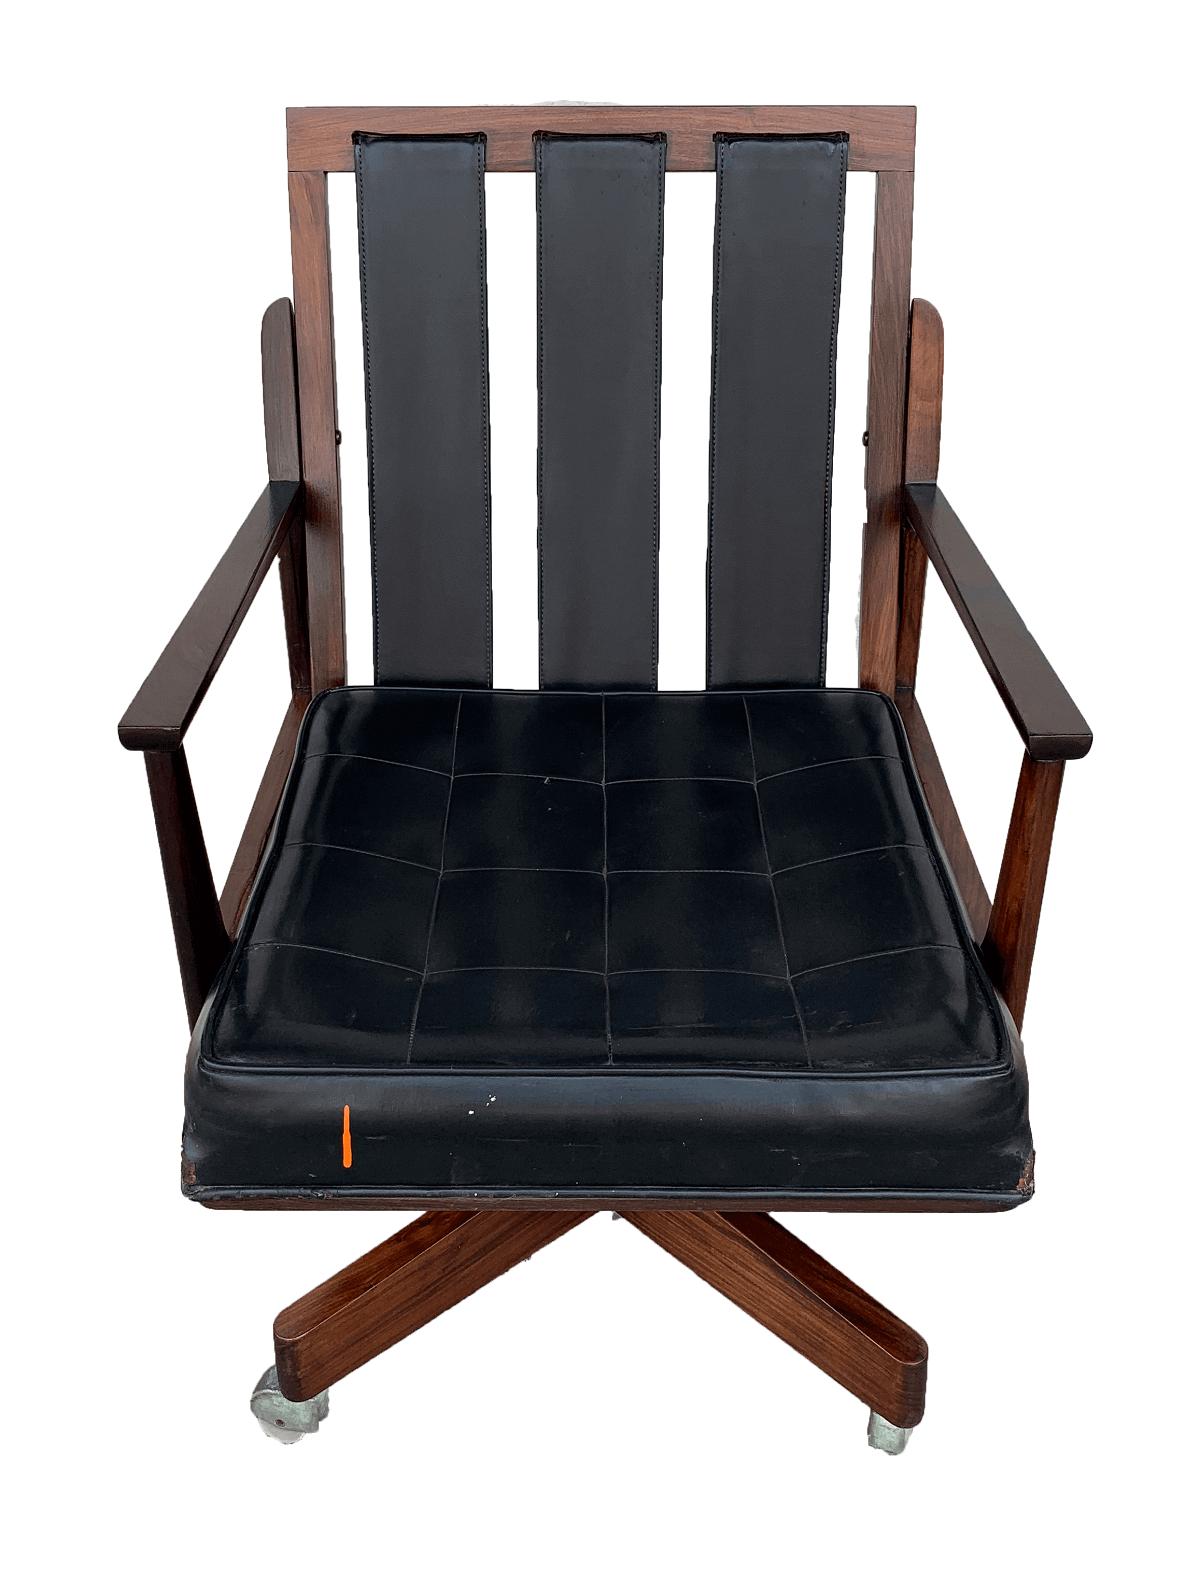 Antiga Cadeira De Escritorio Jacaranda Design Anos 60 Giratoria